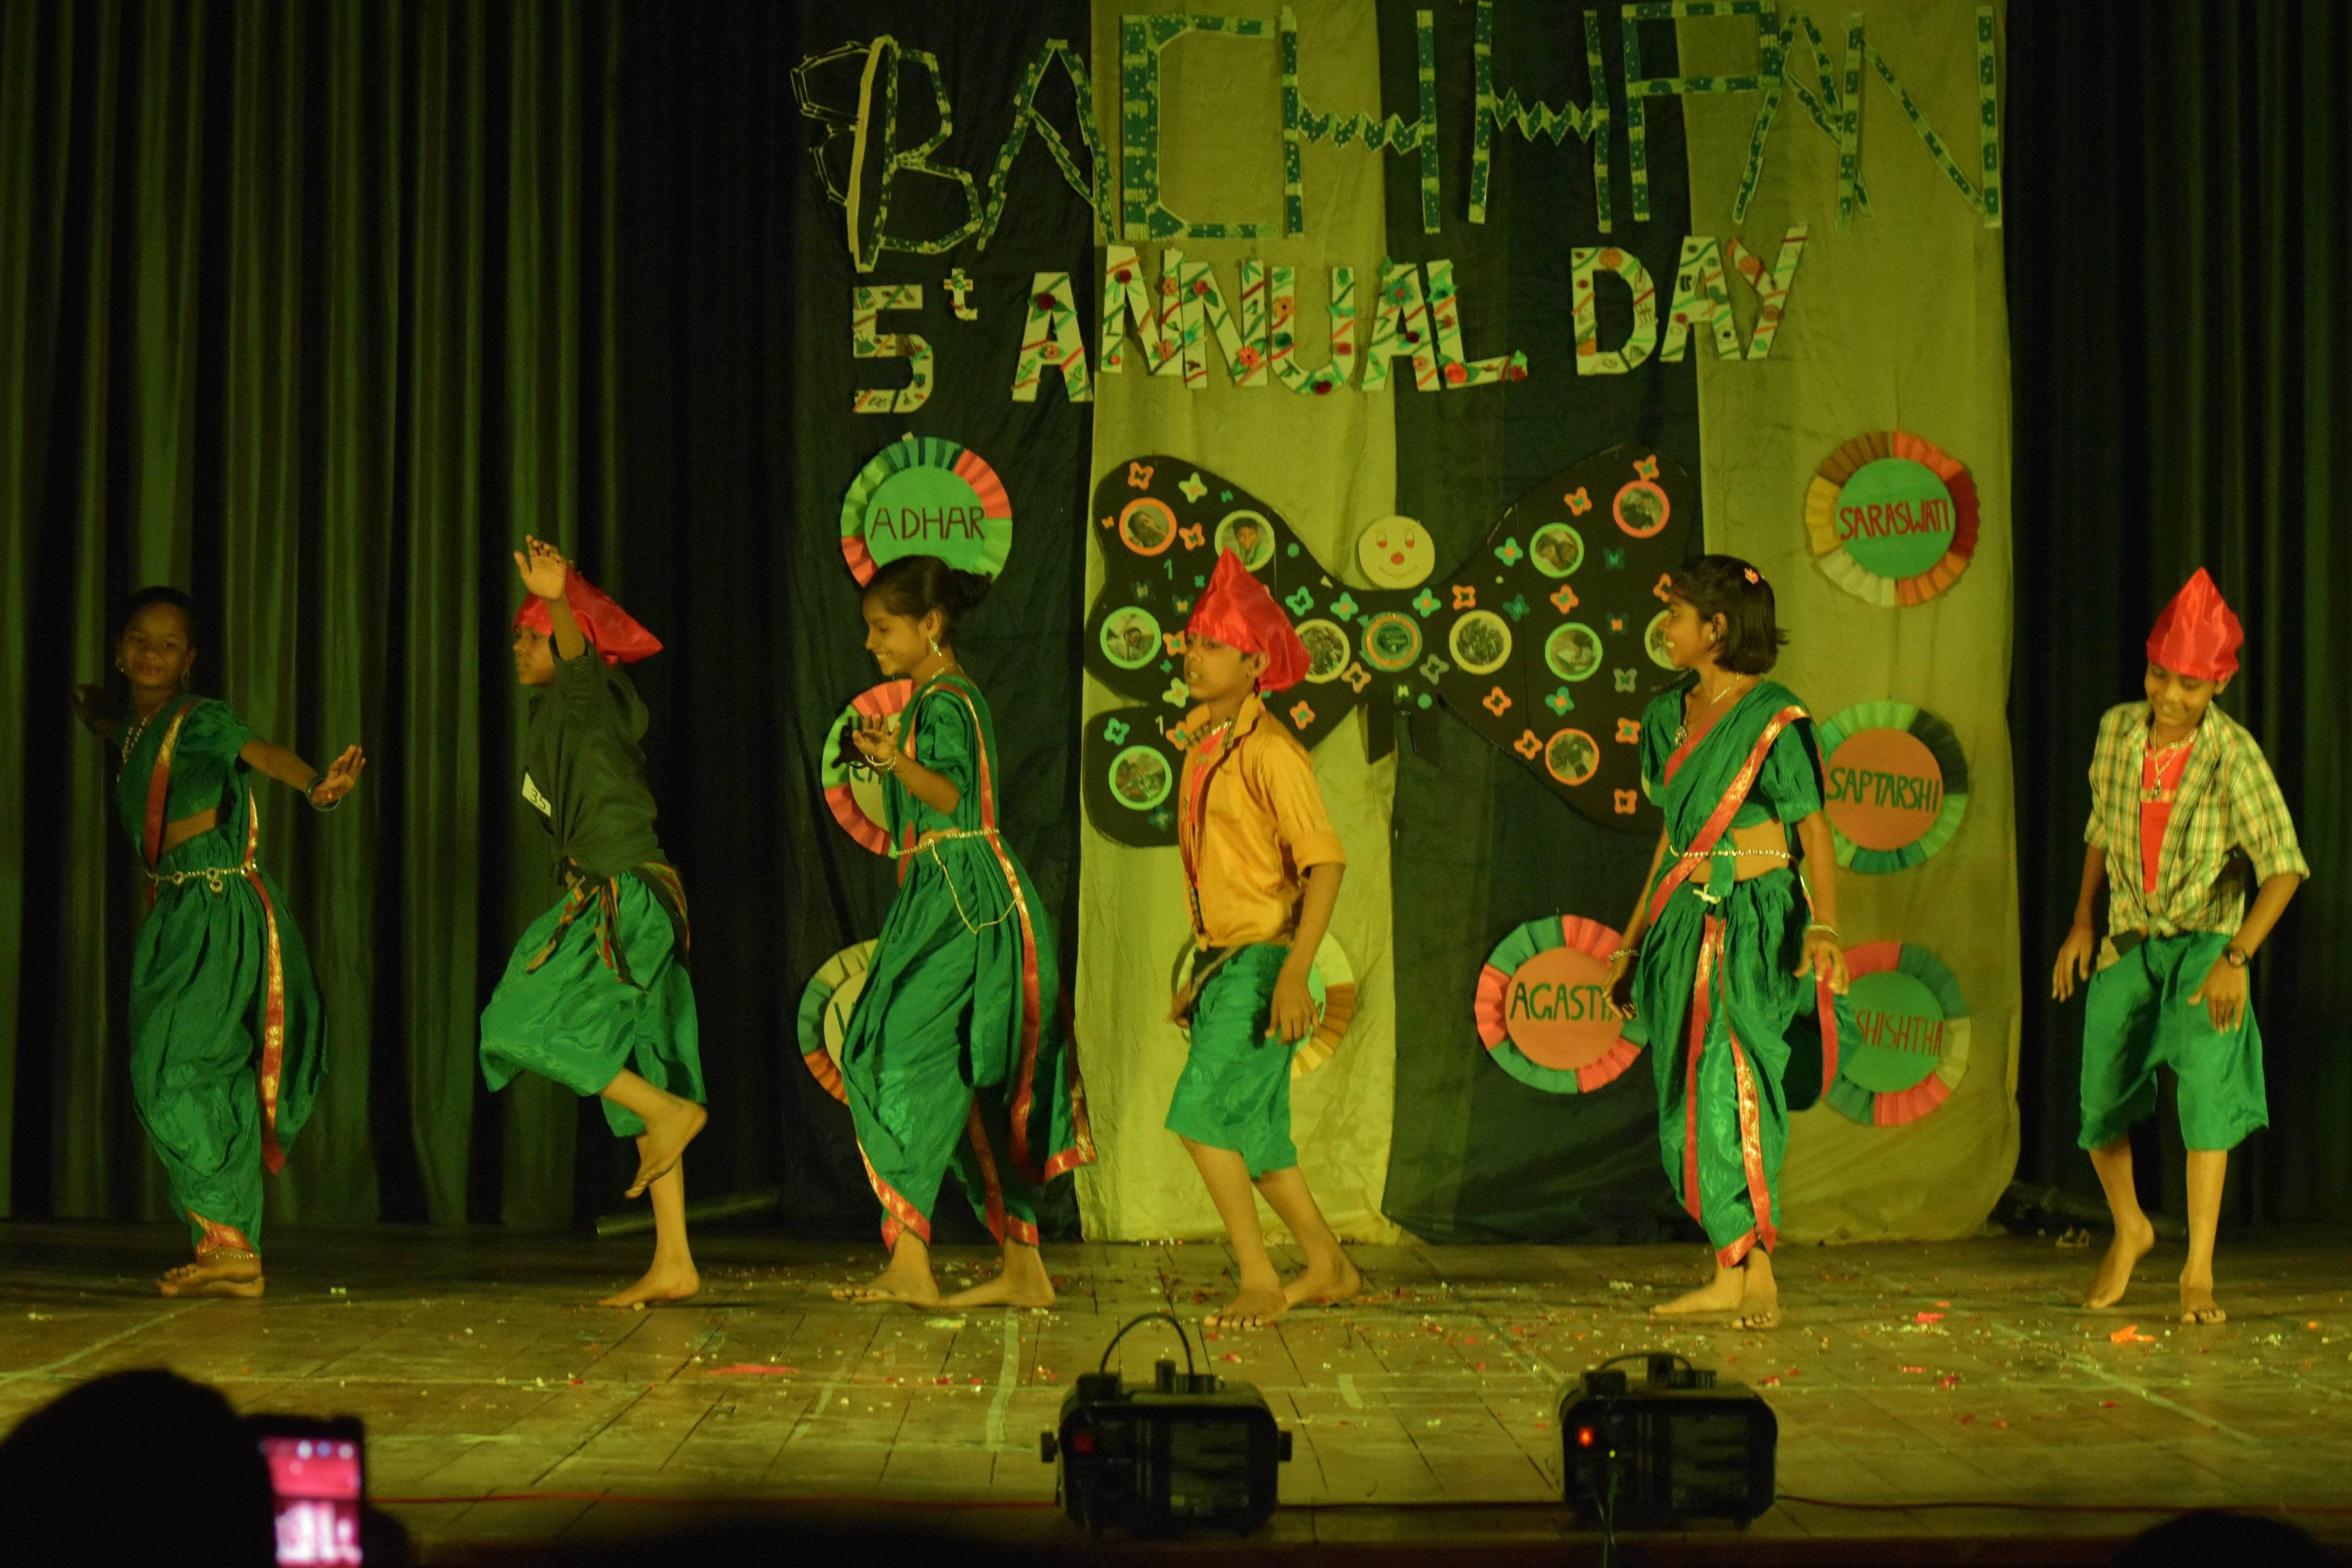 bachhpan ngo-annualday3